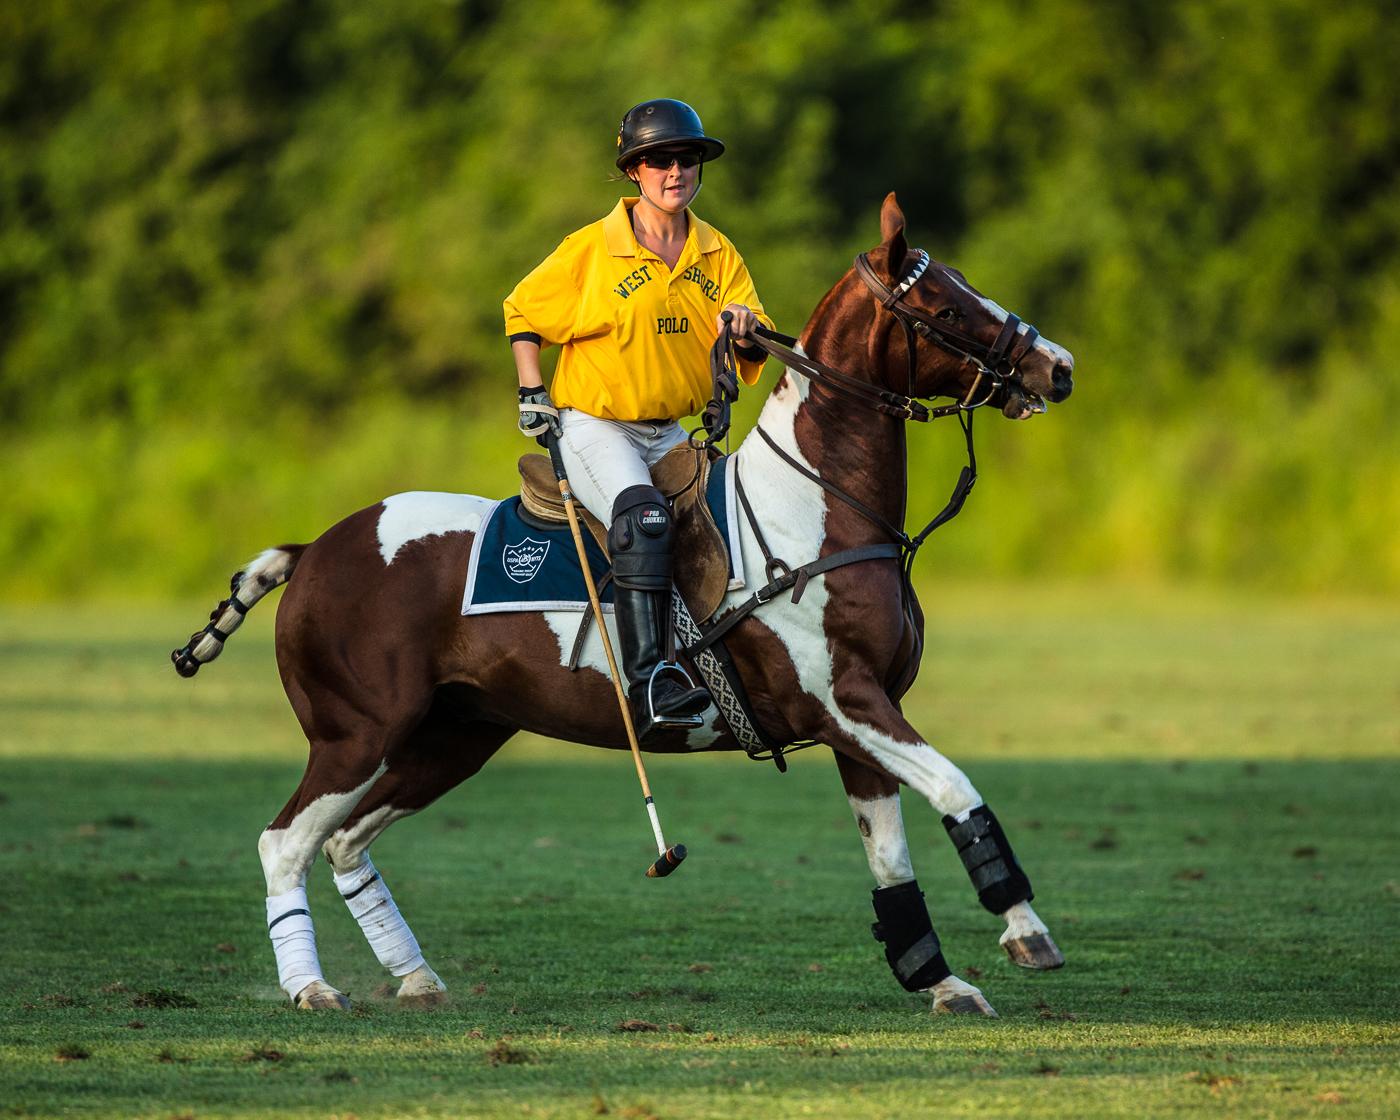 Maryland Polo Club